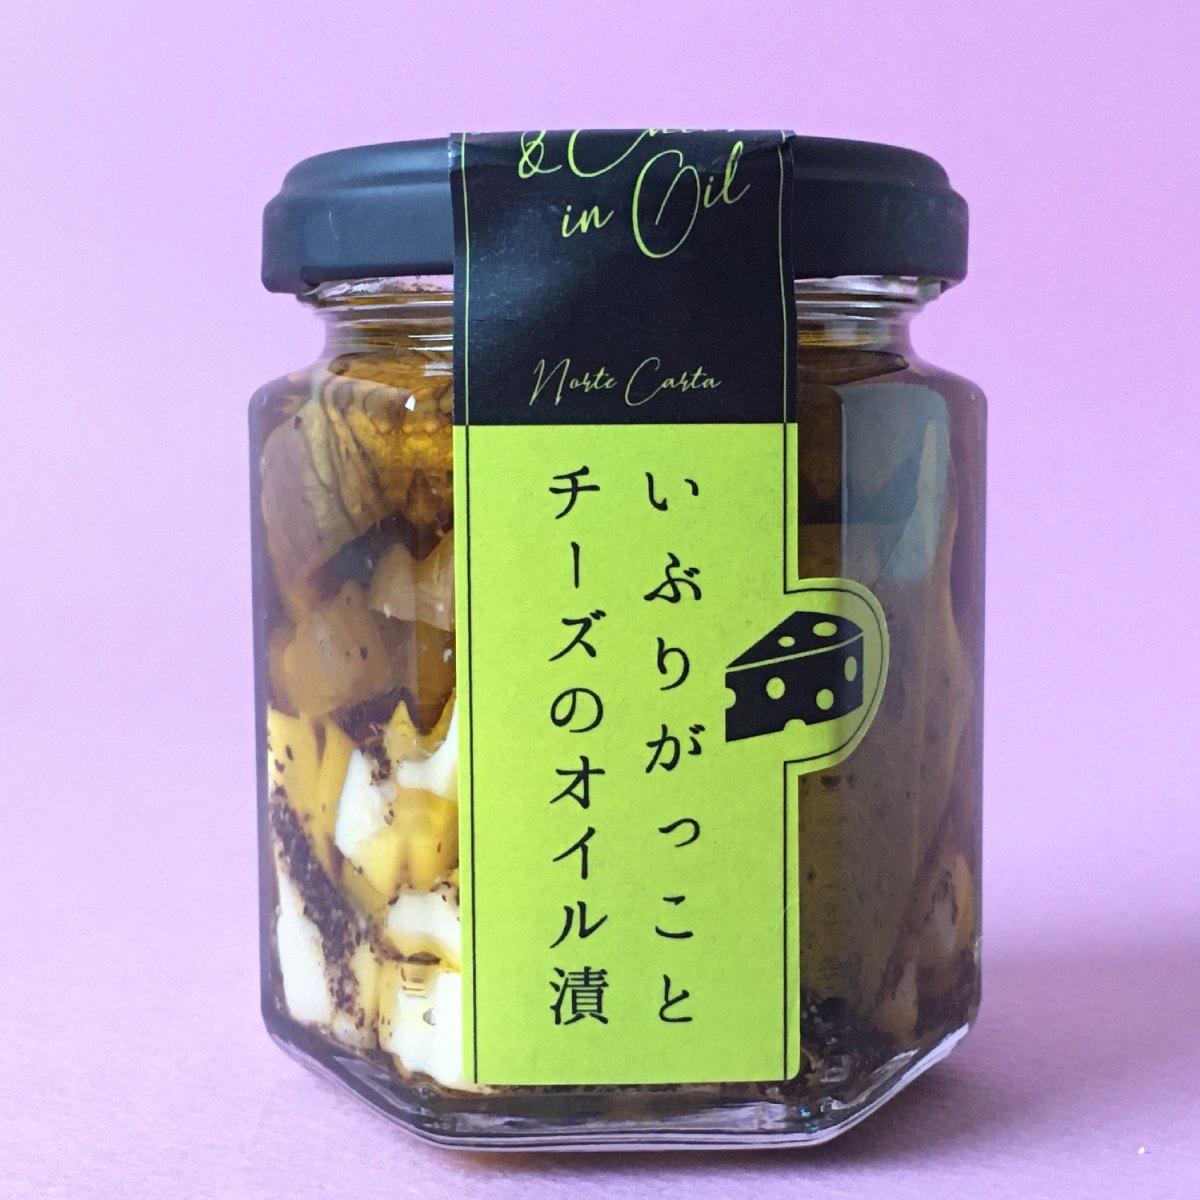 秋田の魚醤と塩麹の旨味が効いてる! いぶりがっことチーズのオイル漬け【ワインとの同梱可能】【ラッピング不可】【ギフトBOX不可】